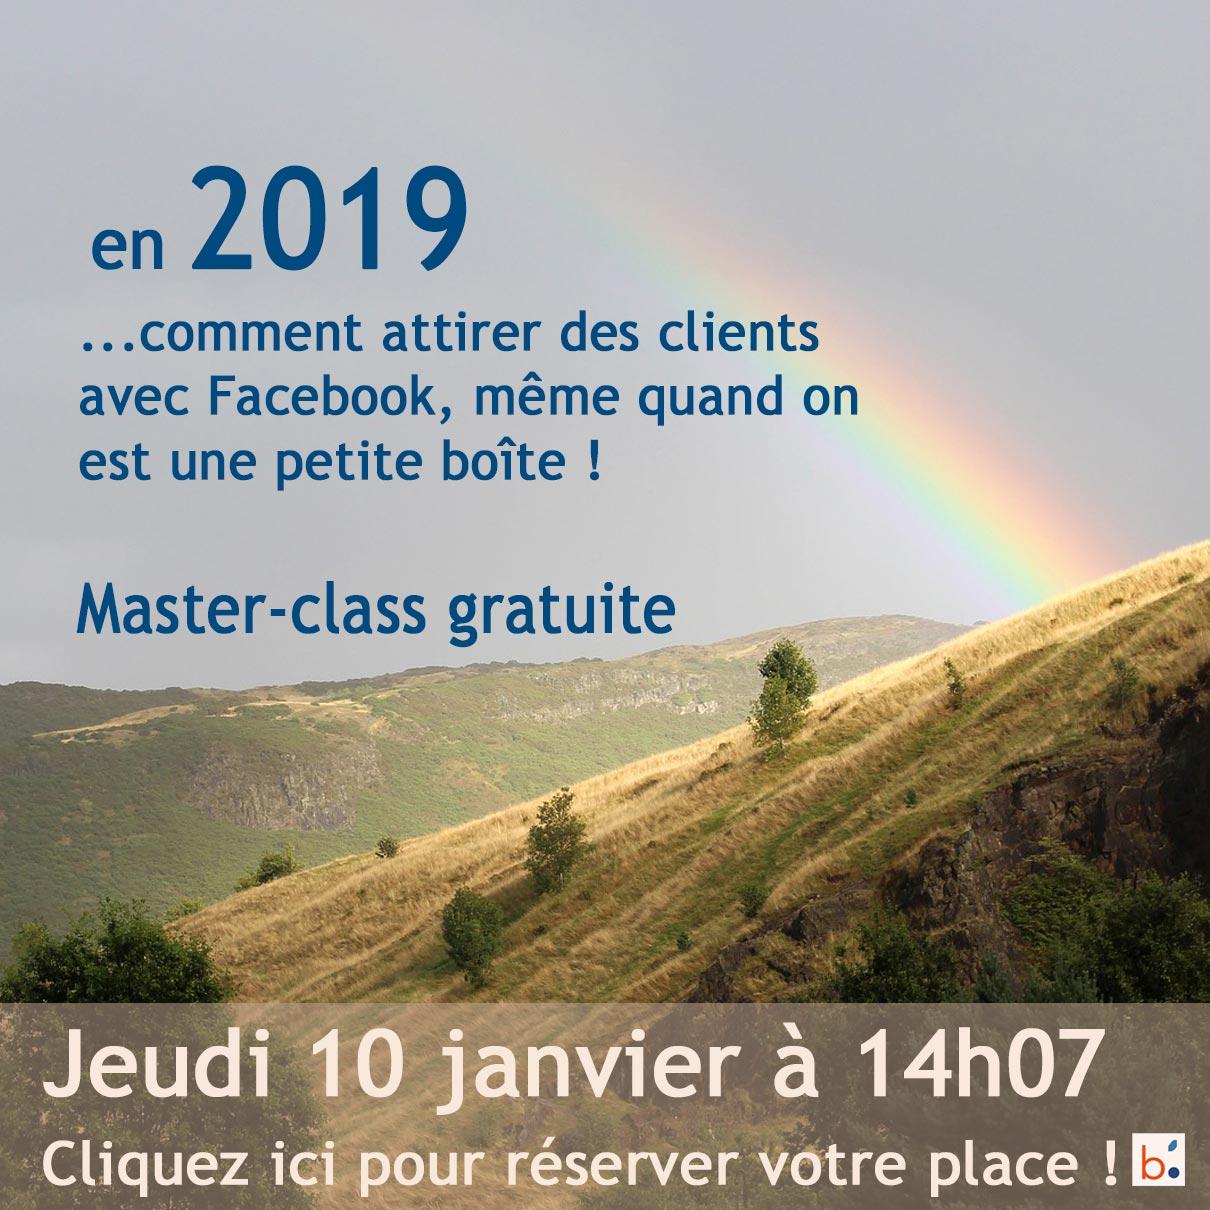 Attirer des clients avec Facebook en 2019 : Master-class gratuite